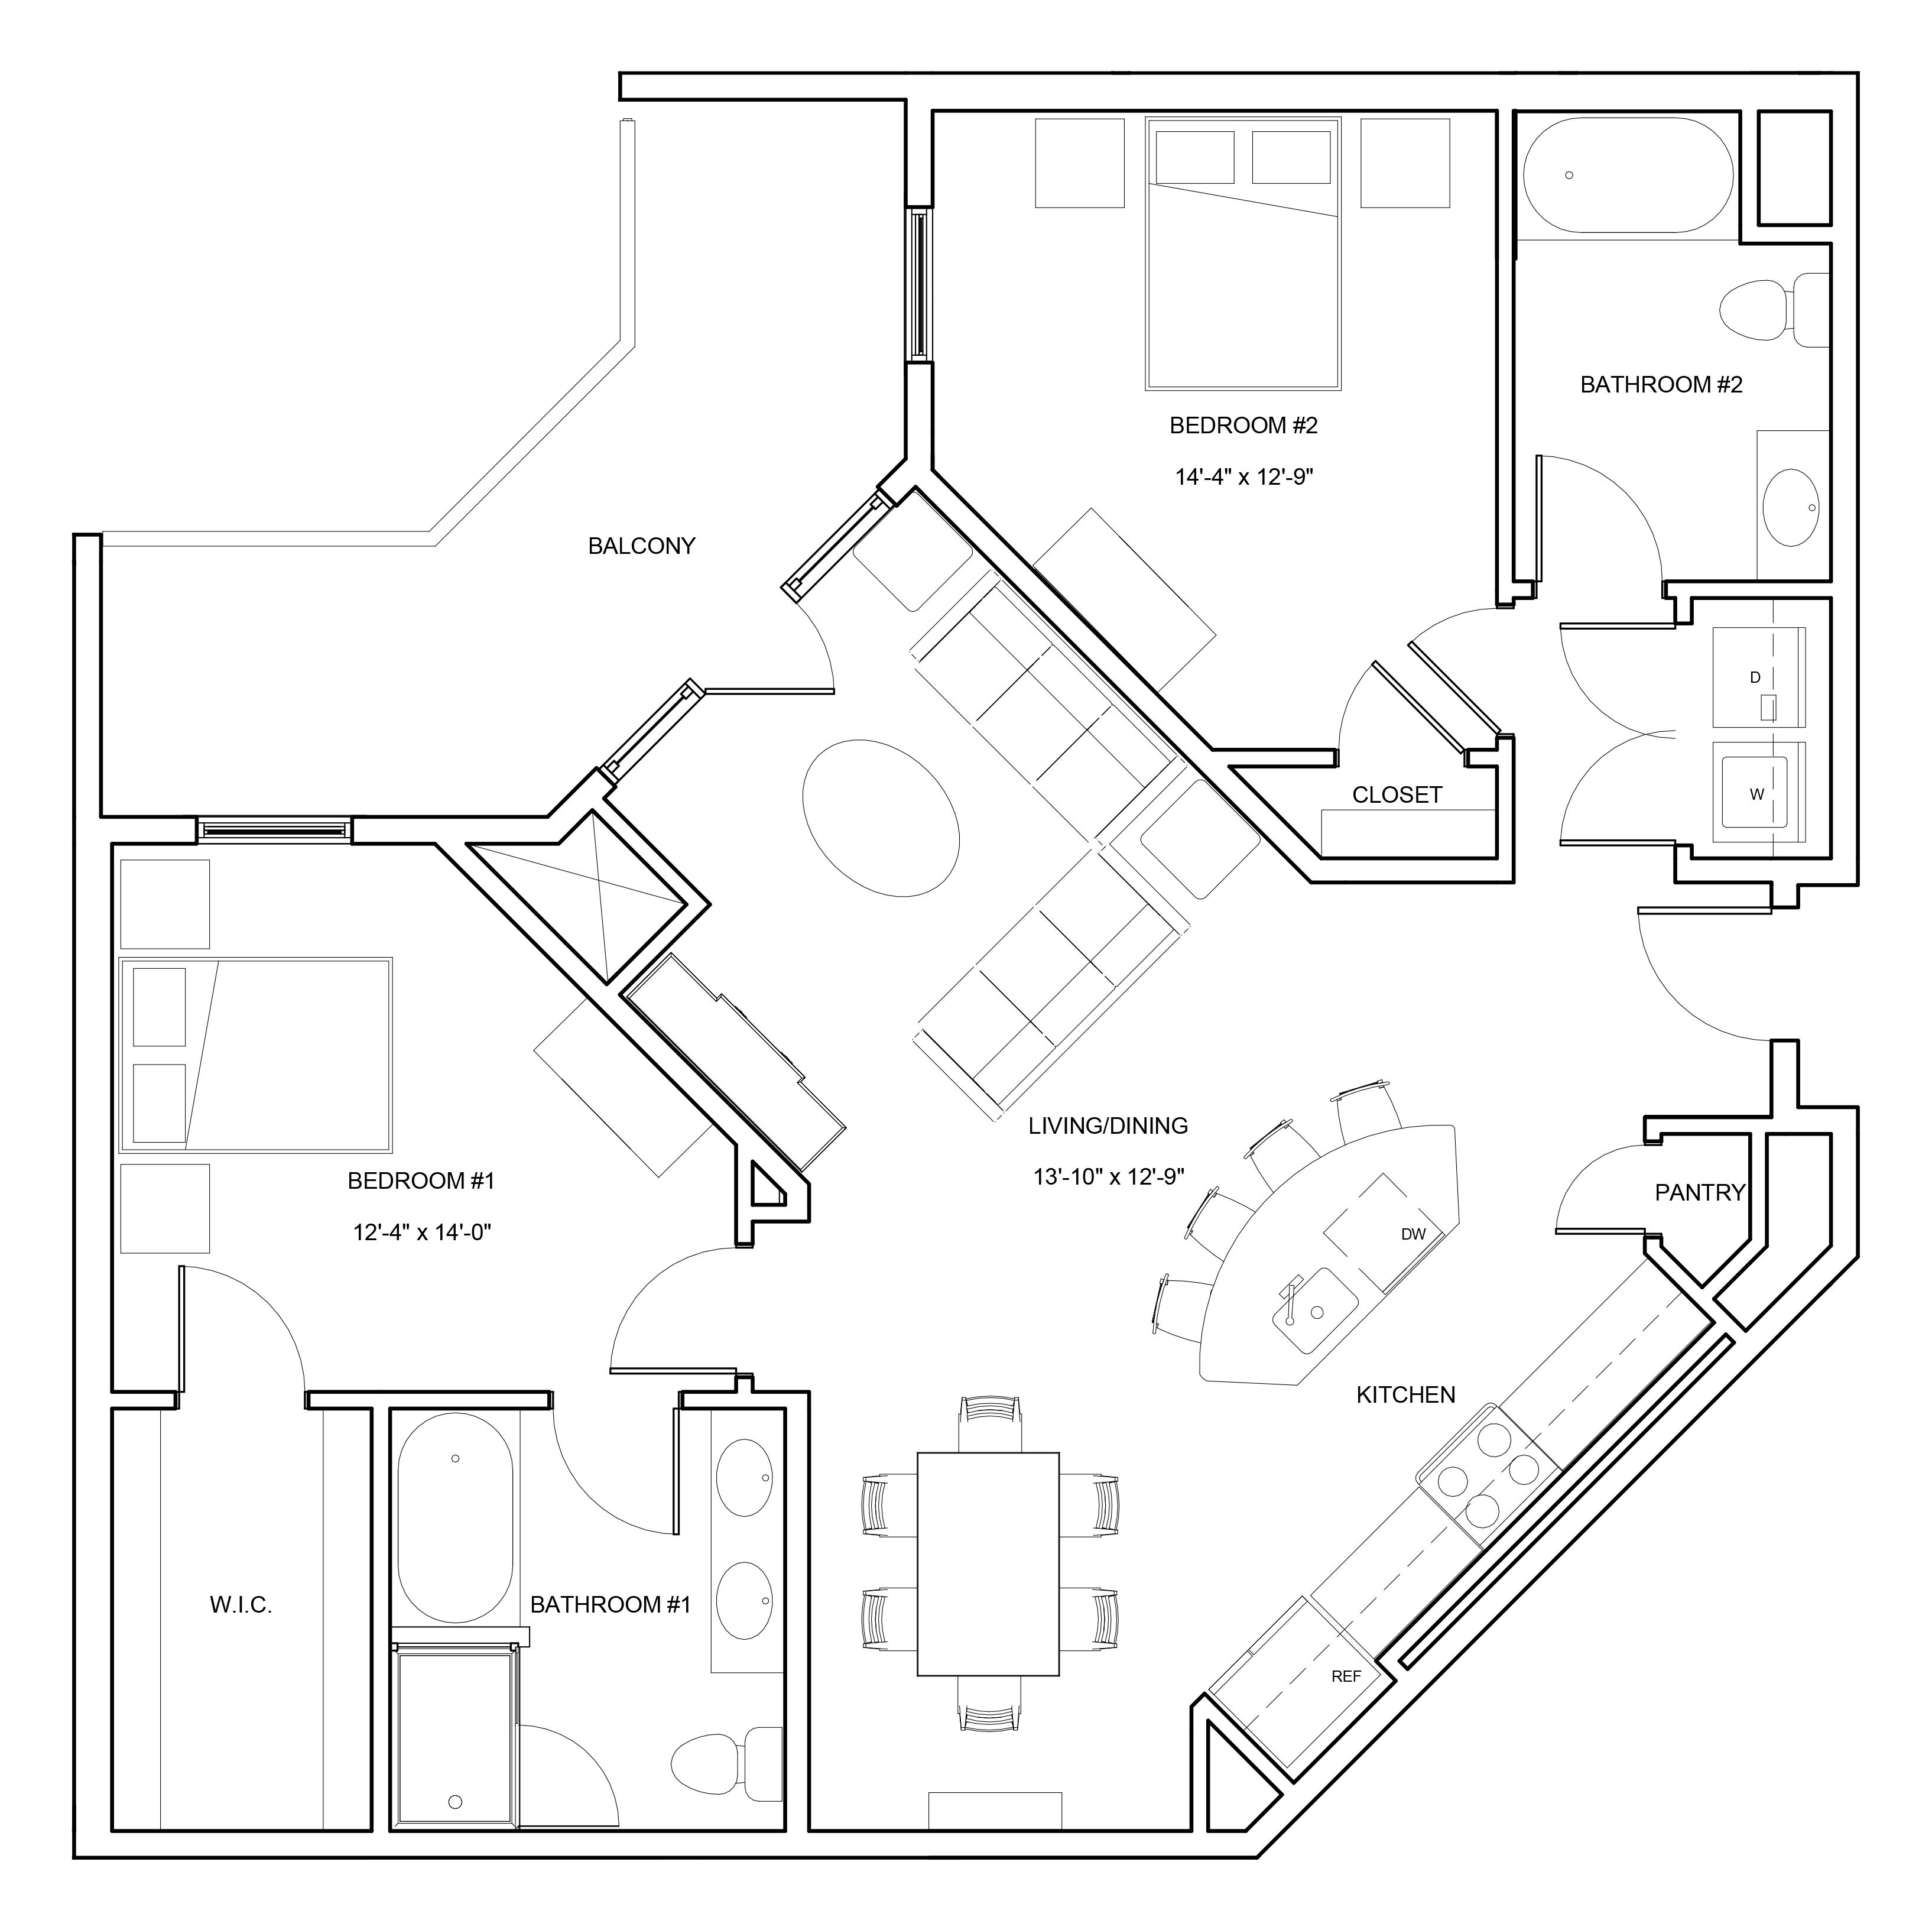 P0663804 b3b 2 floorplan